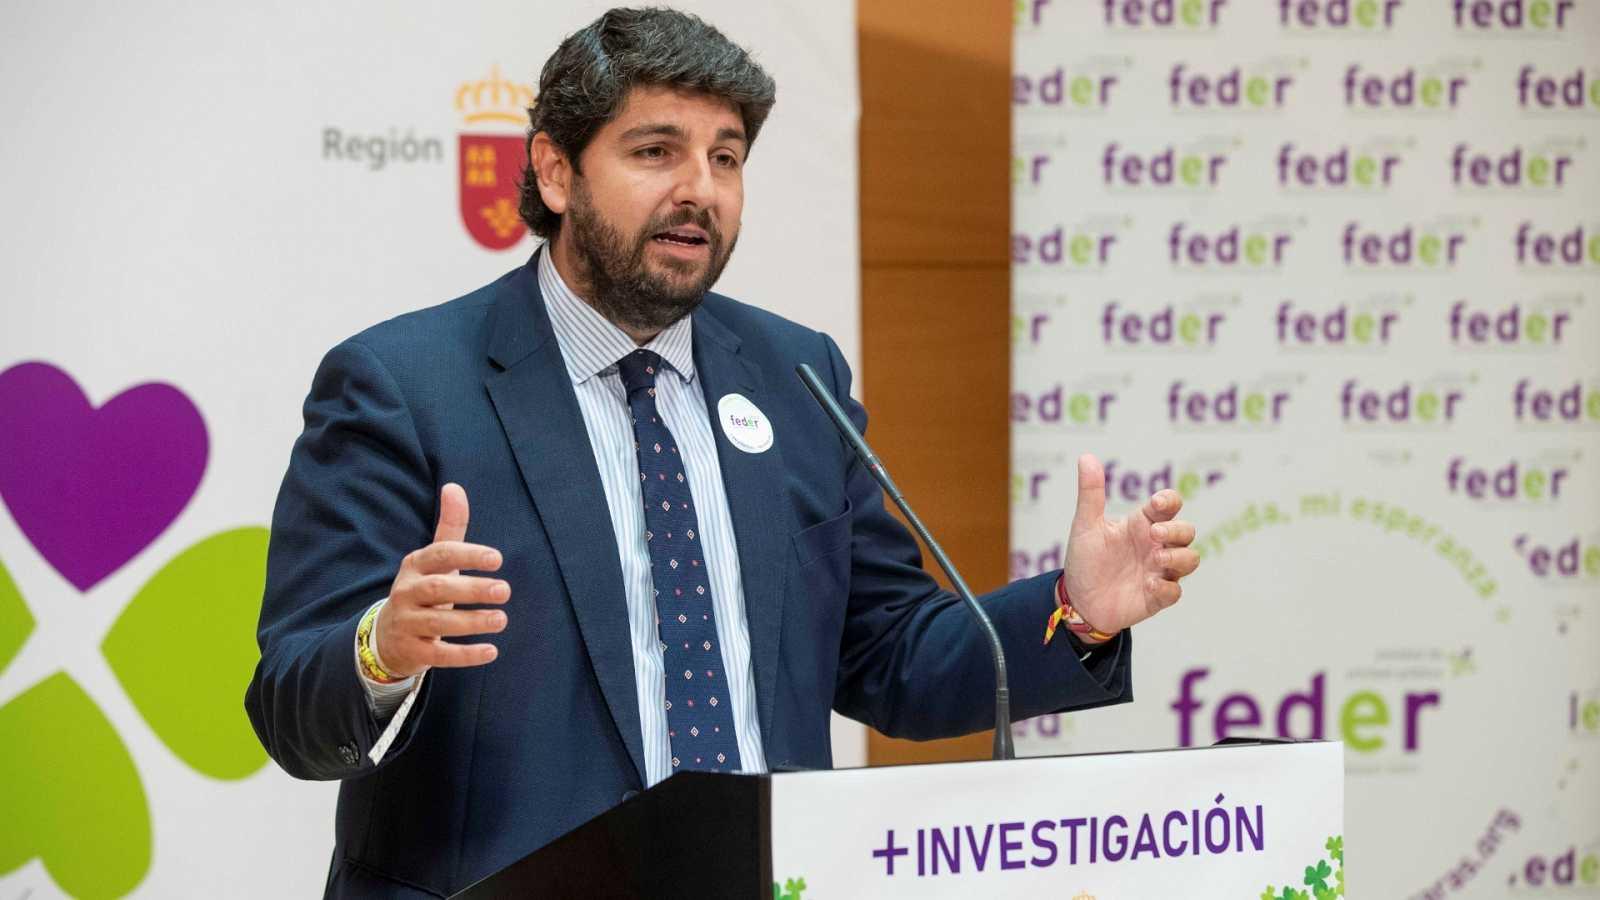 Imagen de archivo del presidente de la Región de Murcia, Fernando López Miras, durante una rueda de prensa.